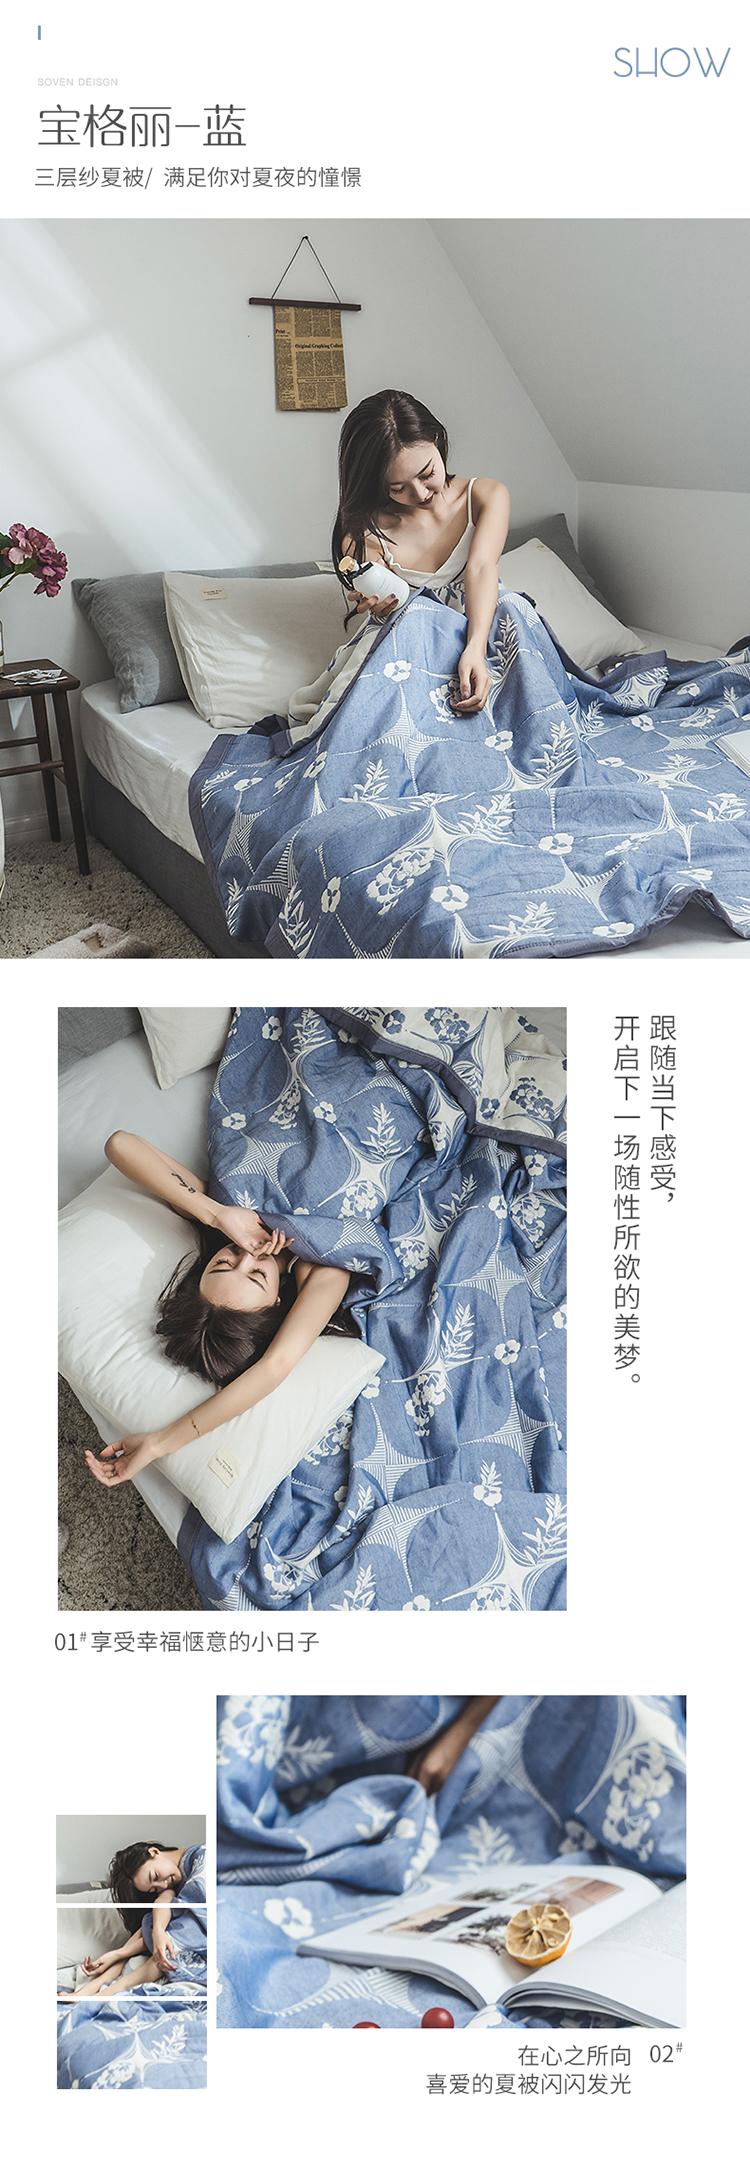 宝格丽-蓝.jpg